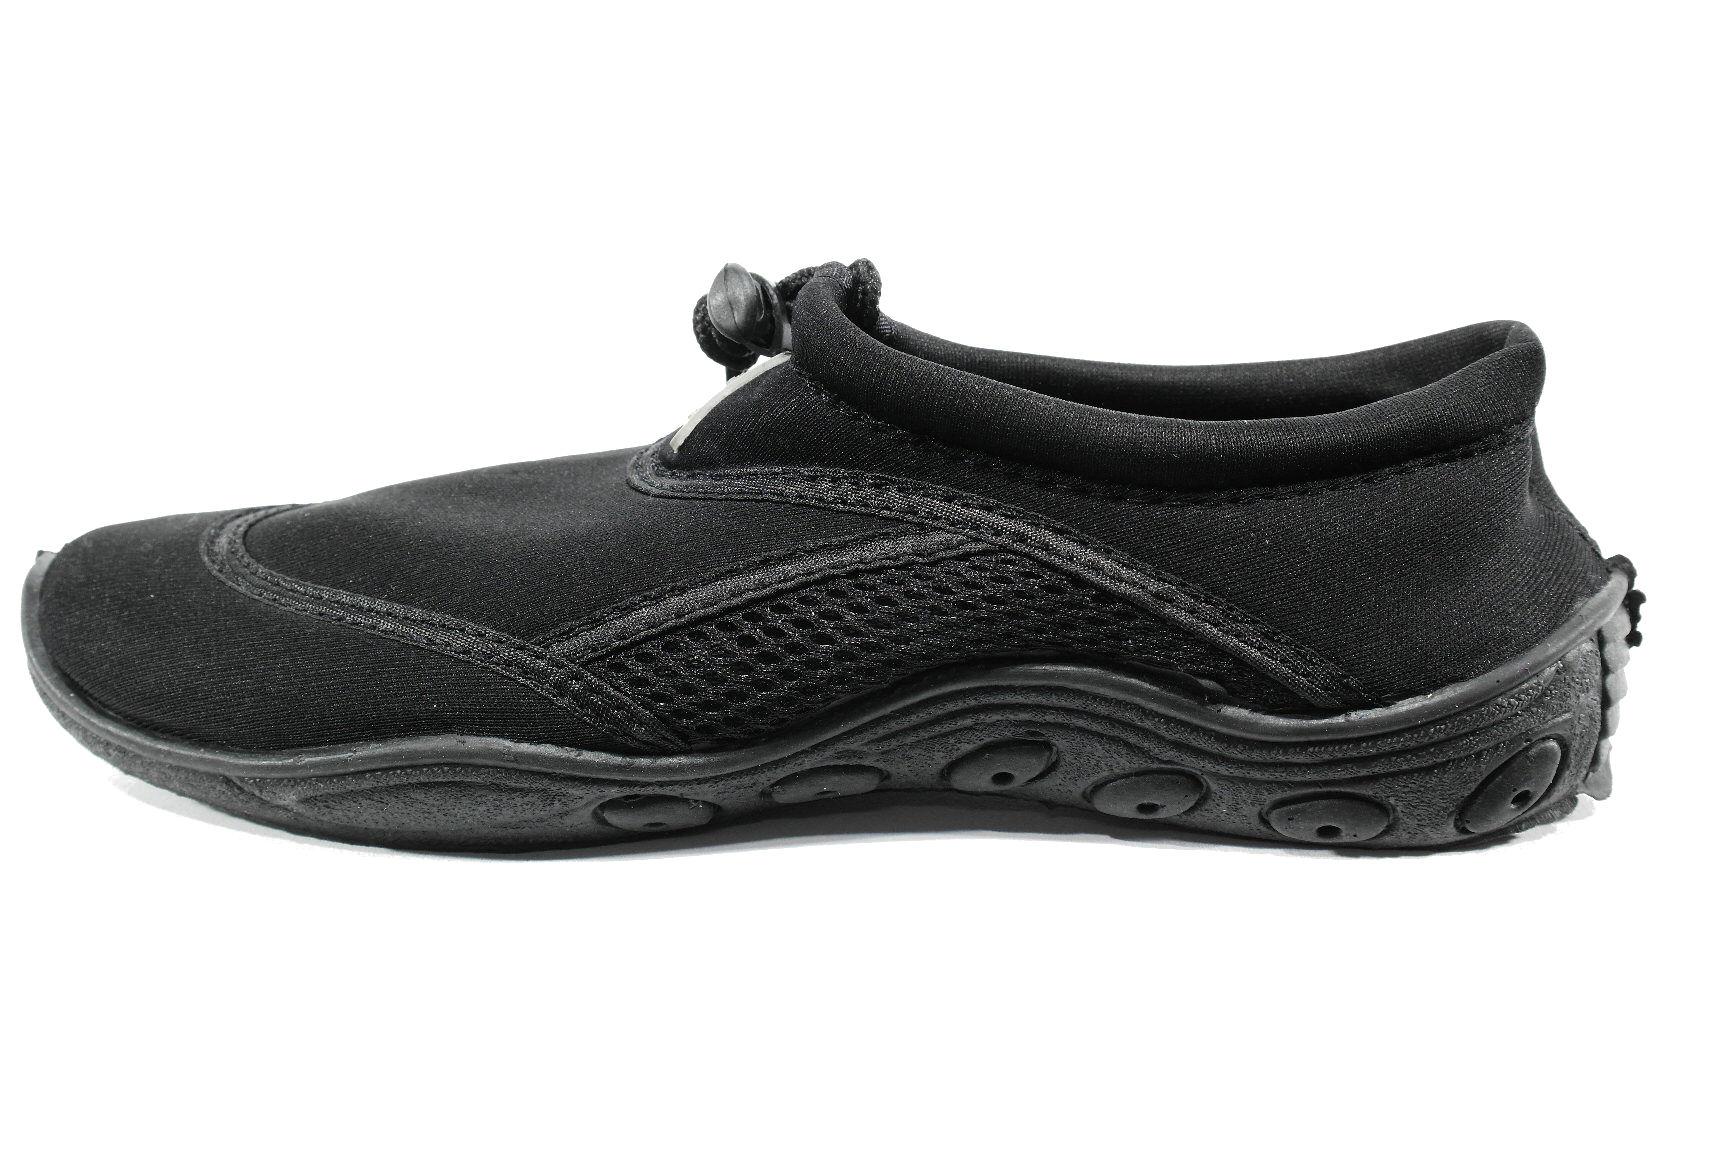 Chaussures Eau Noir / Chaussures De Surf Des Femmes Sq45alr